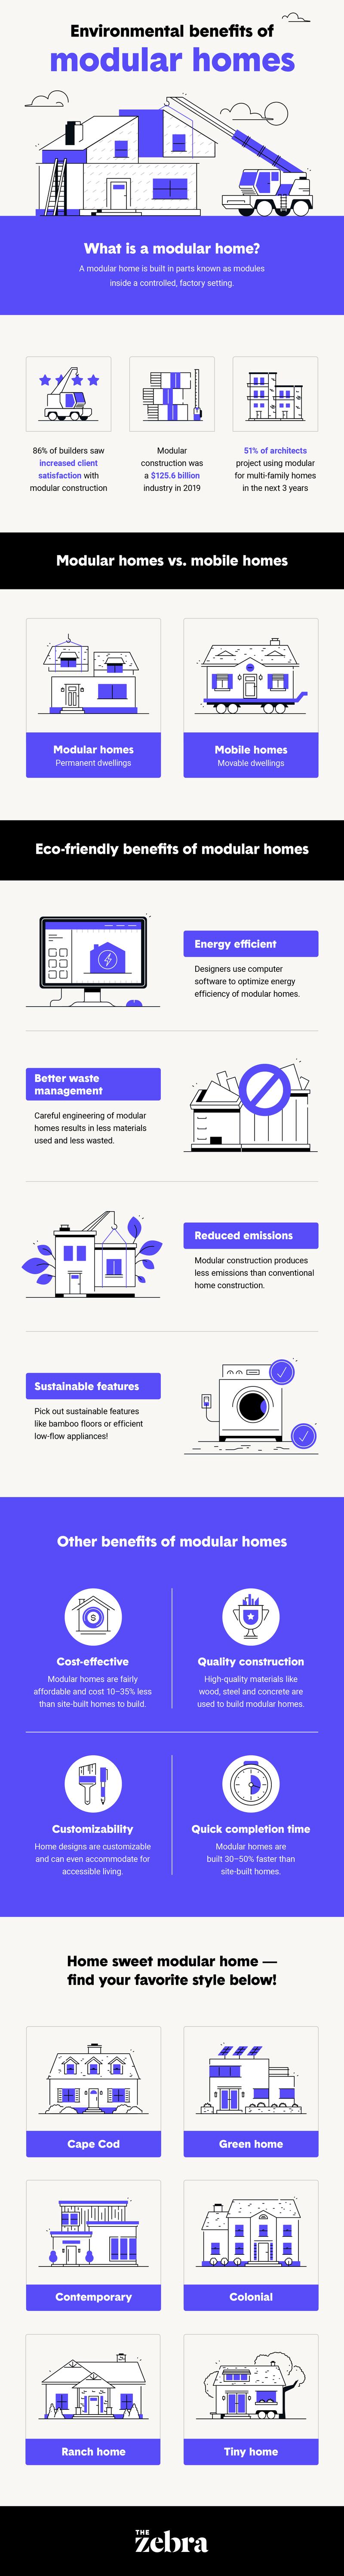 environmental-benefits-of-modular-homes.png